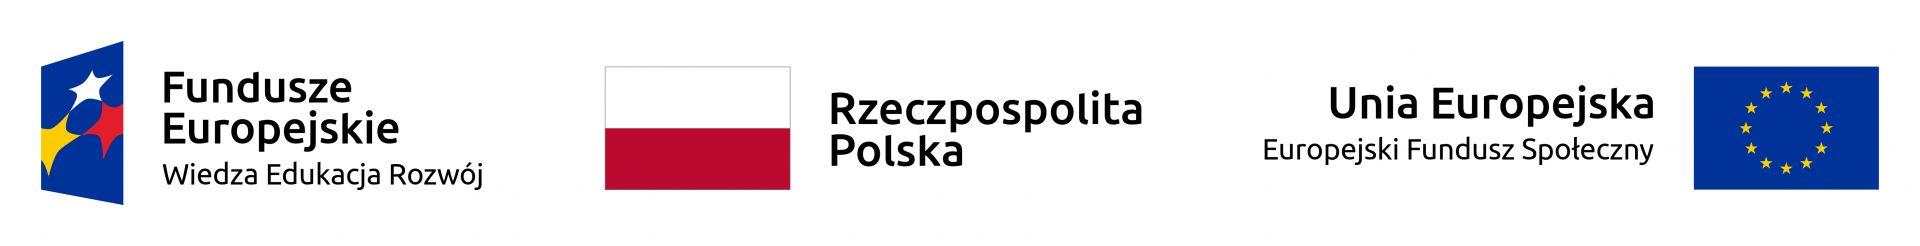 zestaw logotypów Europejskiego Funduszu Społecznego